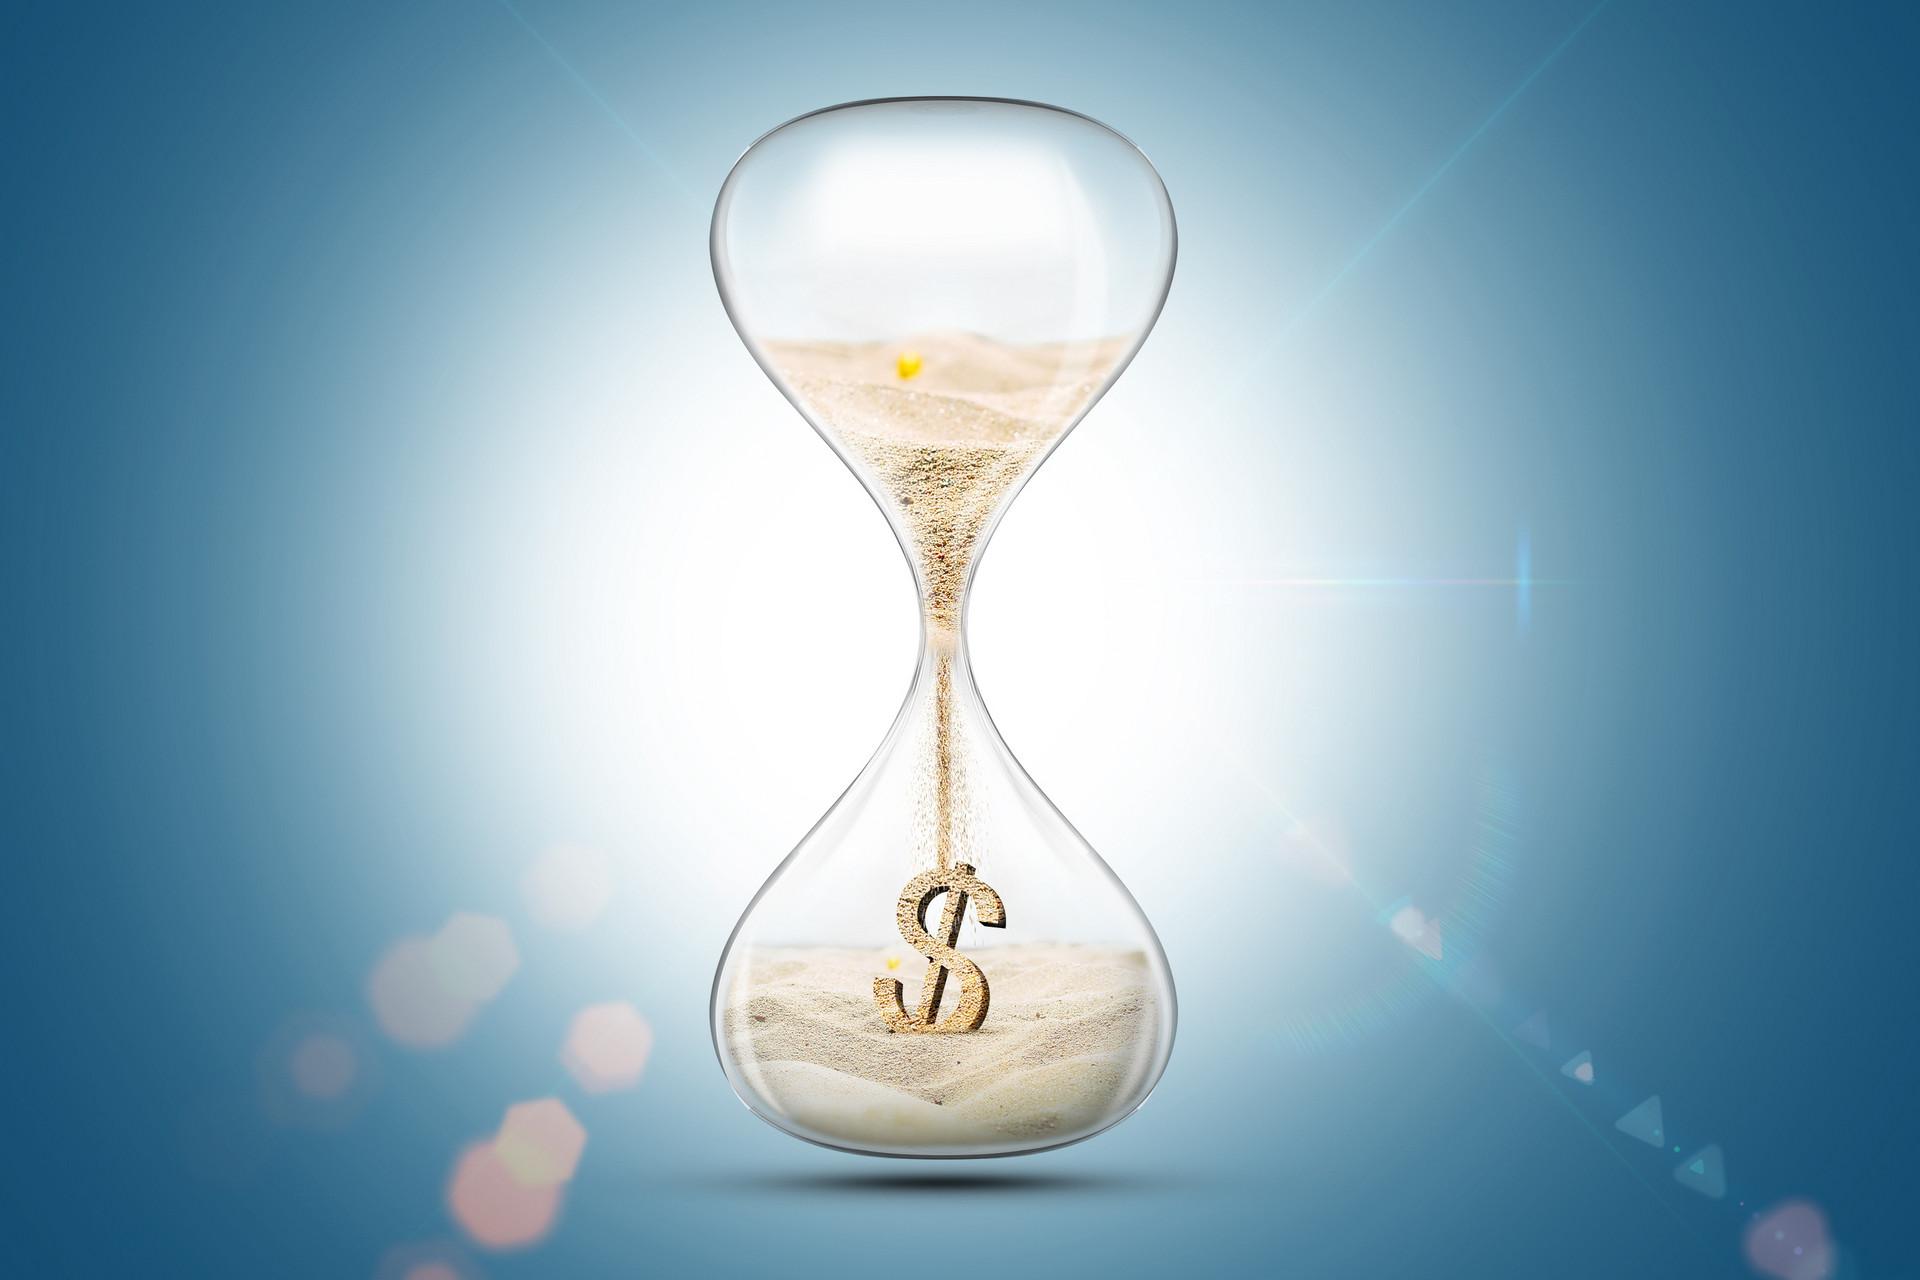 理财年金保险有必要买吗